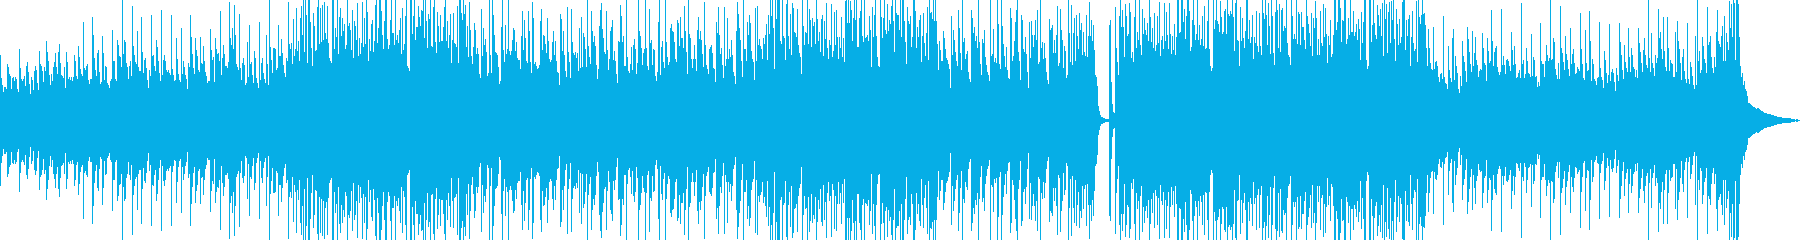 ピアノが印象的なバンドサウンドの再生済みの波形